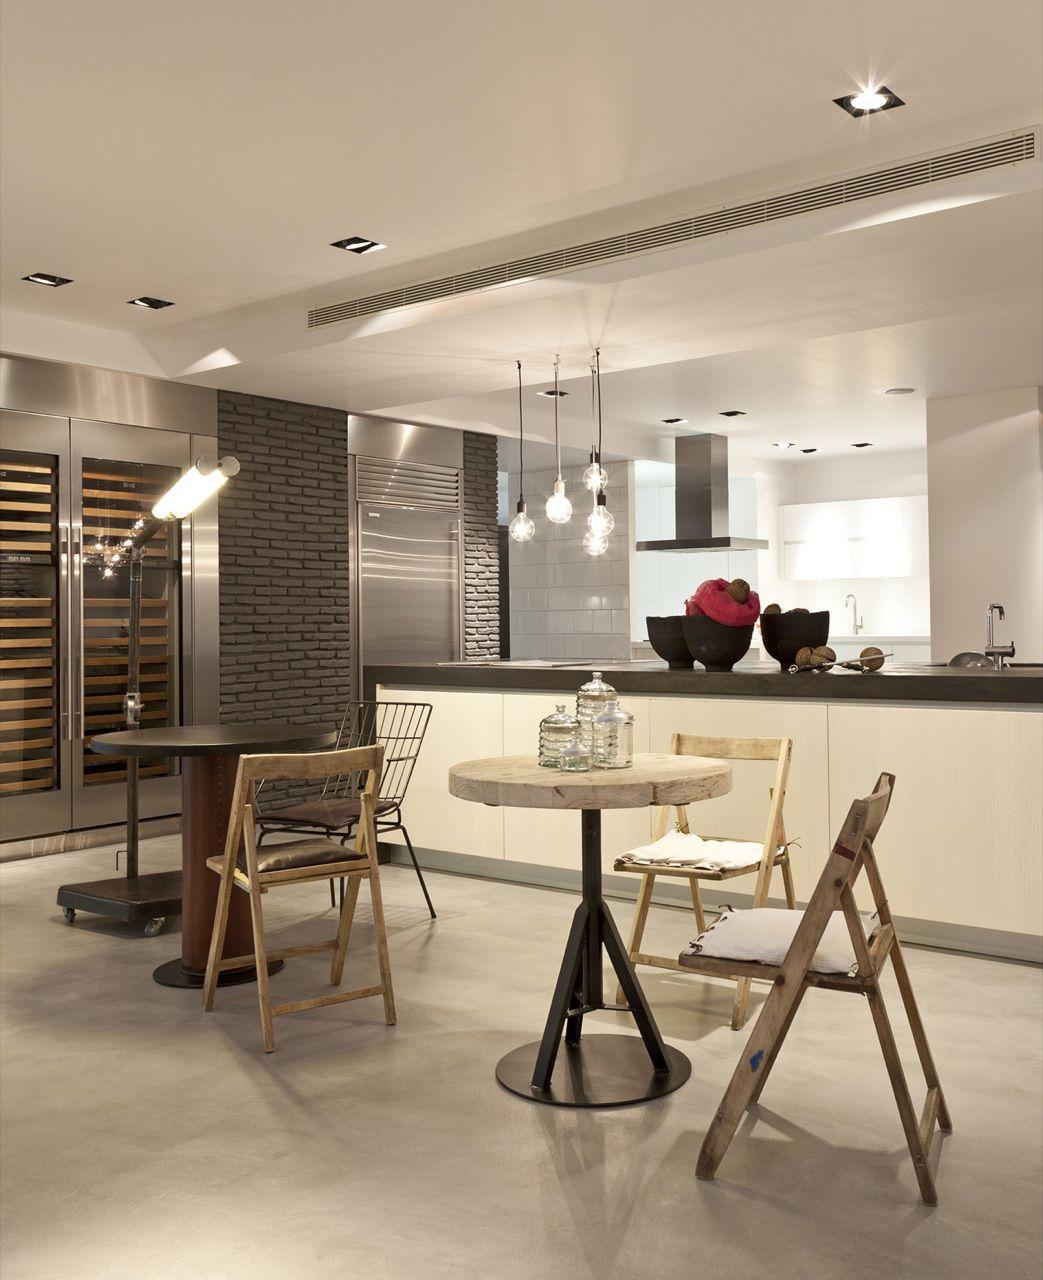 Bagno Design Kitchens : Moda bagno interni showroom by k studio karmatrendz